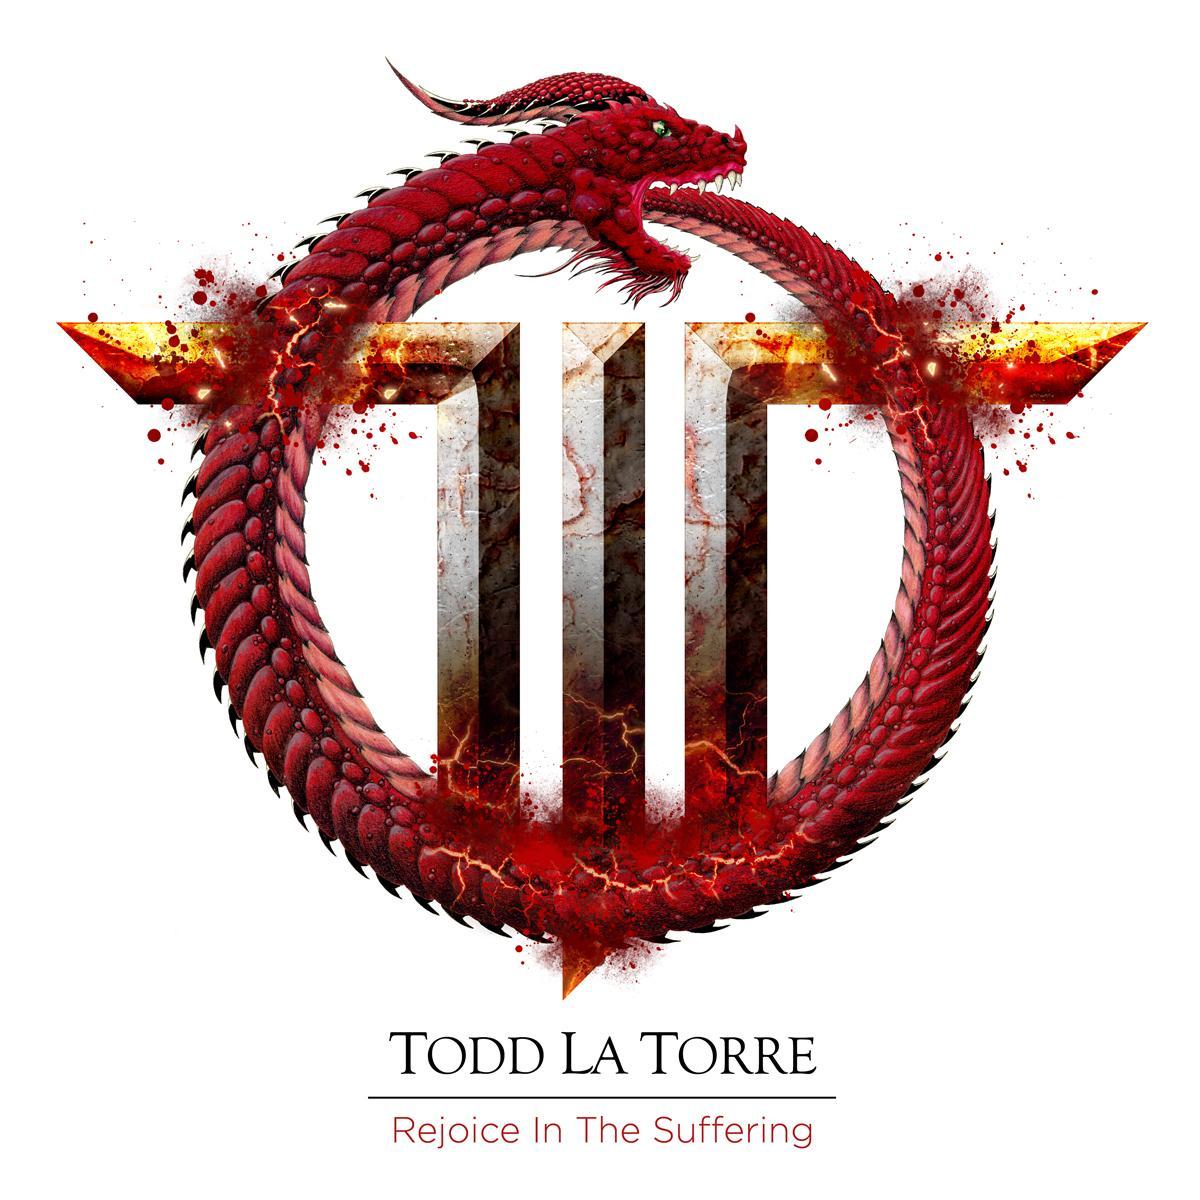 QUEENSRŸCHE FRONTMAN TODD LA TORRE TO RELEASE SOLO ALBUM